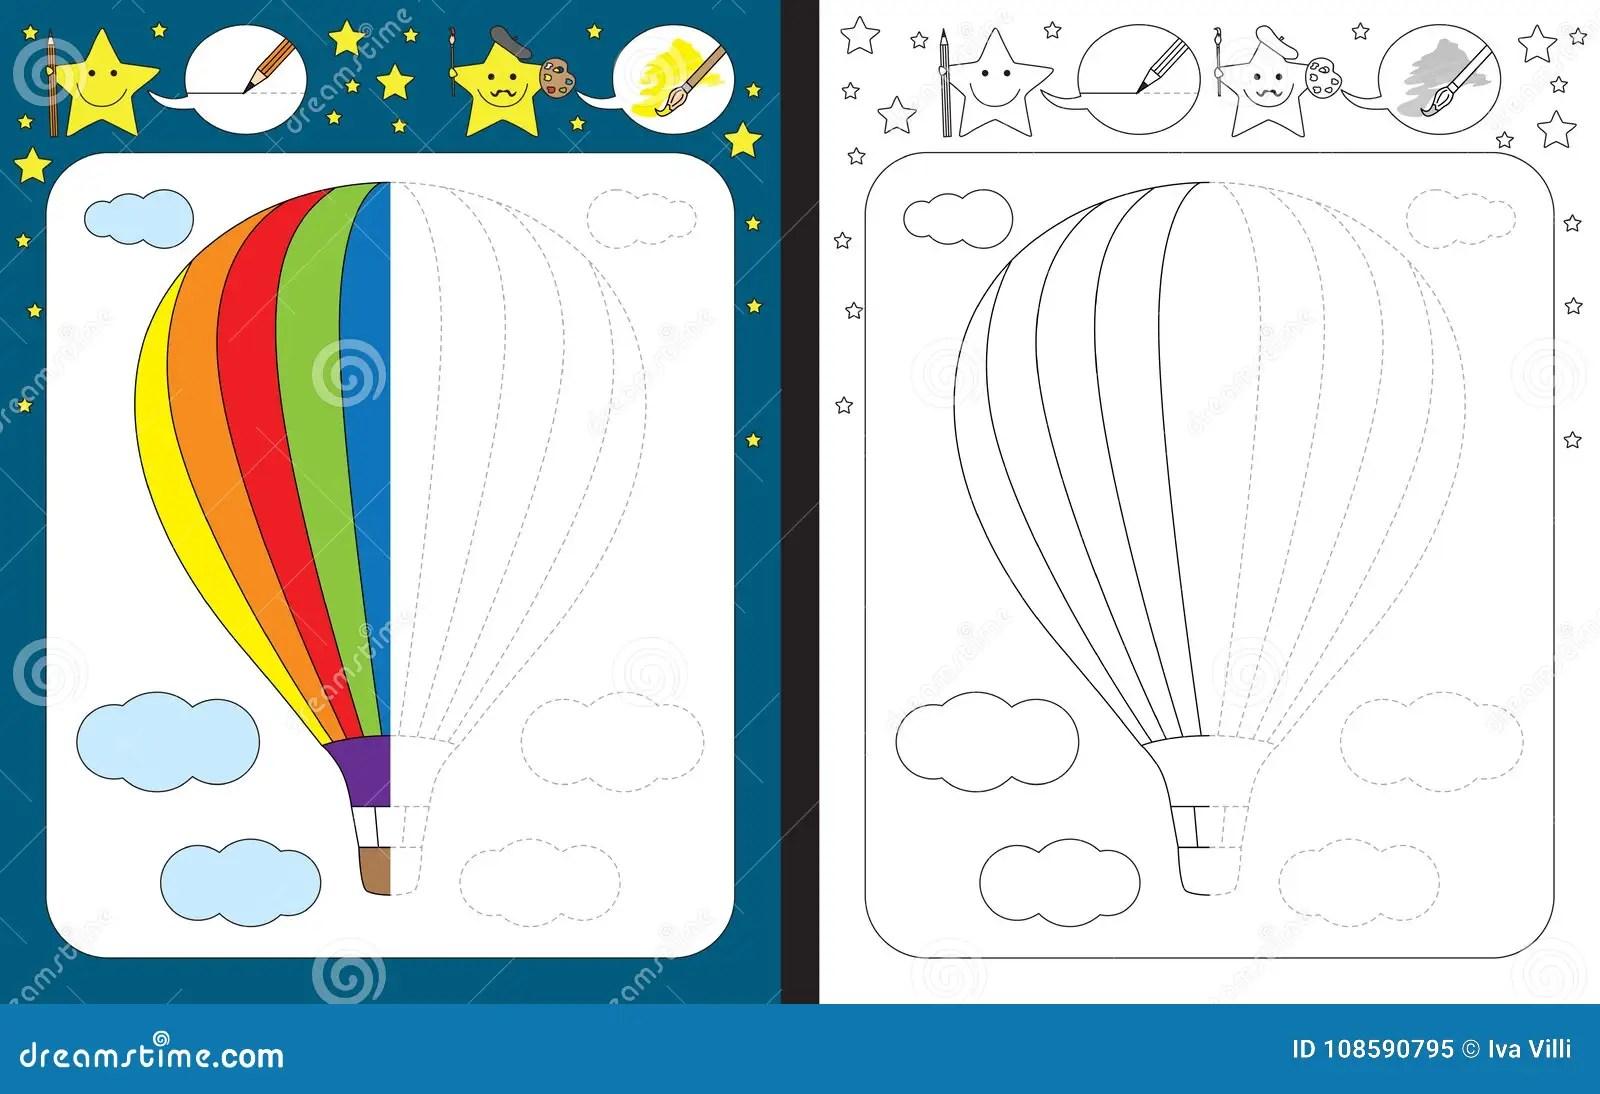 Original Hot Air Balloon Worksheets